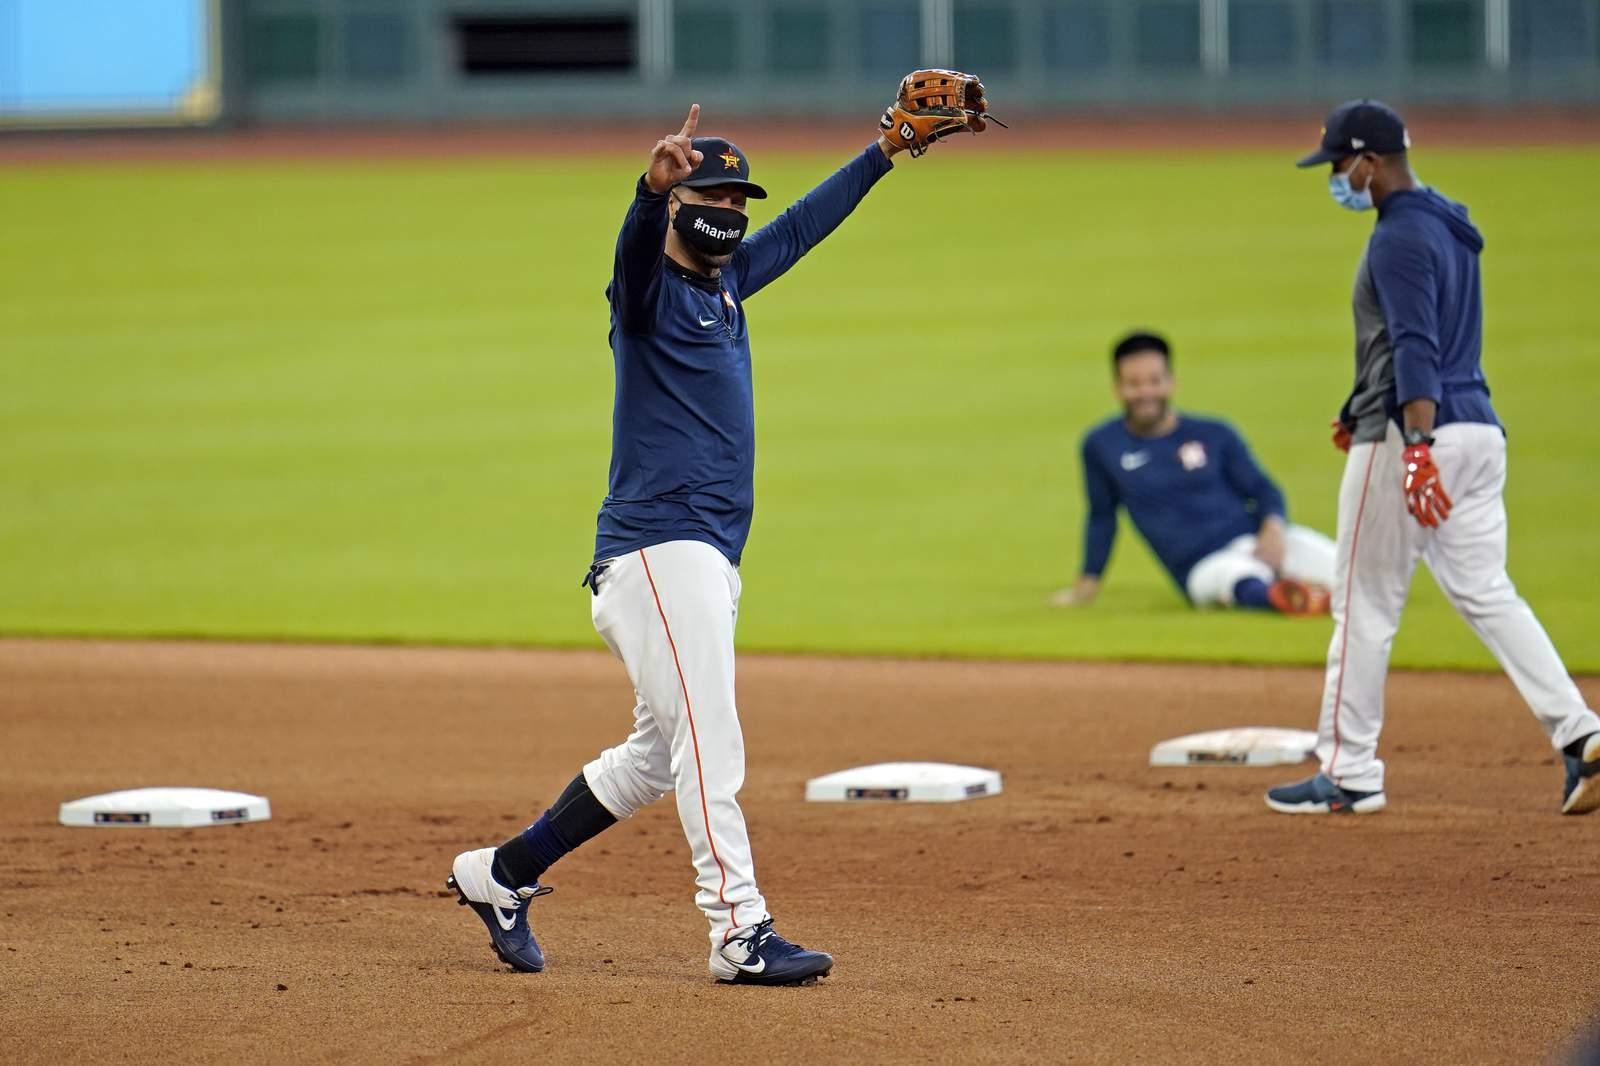 Astros de Houston cancelan práctica por exposición a COVID-19 de un empleado del equipo